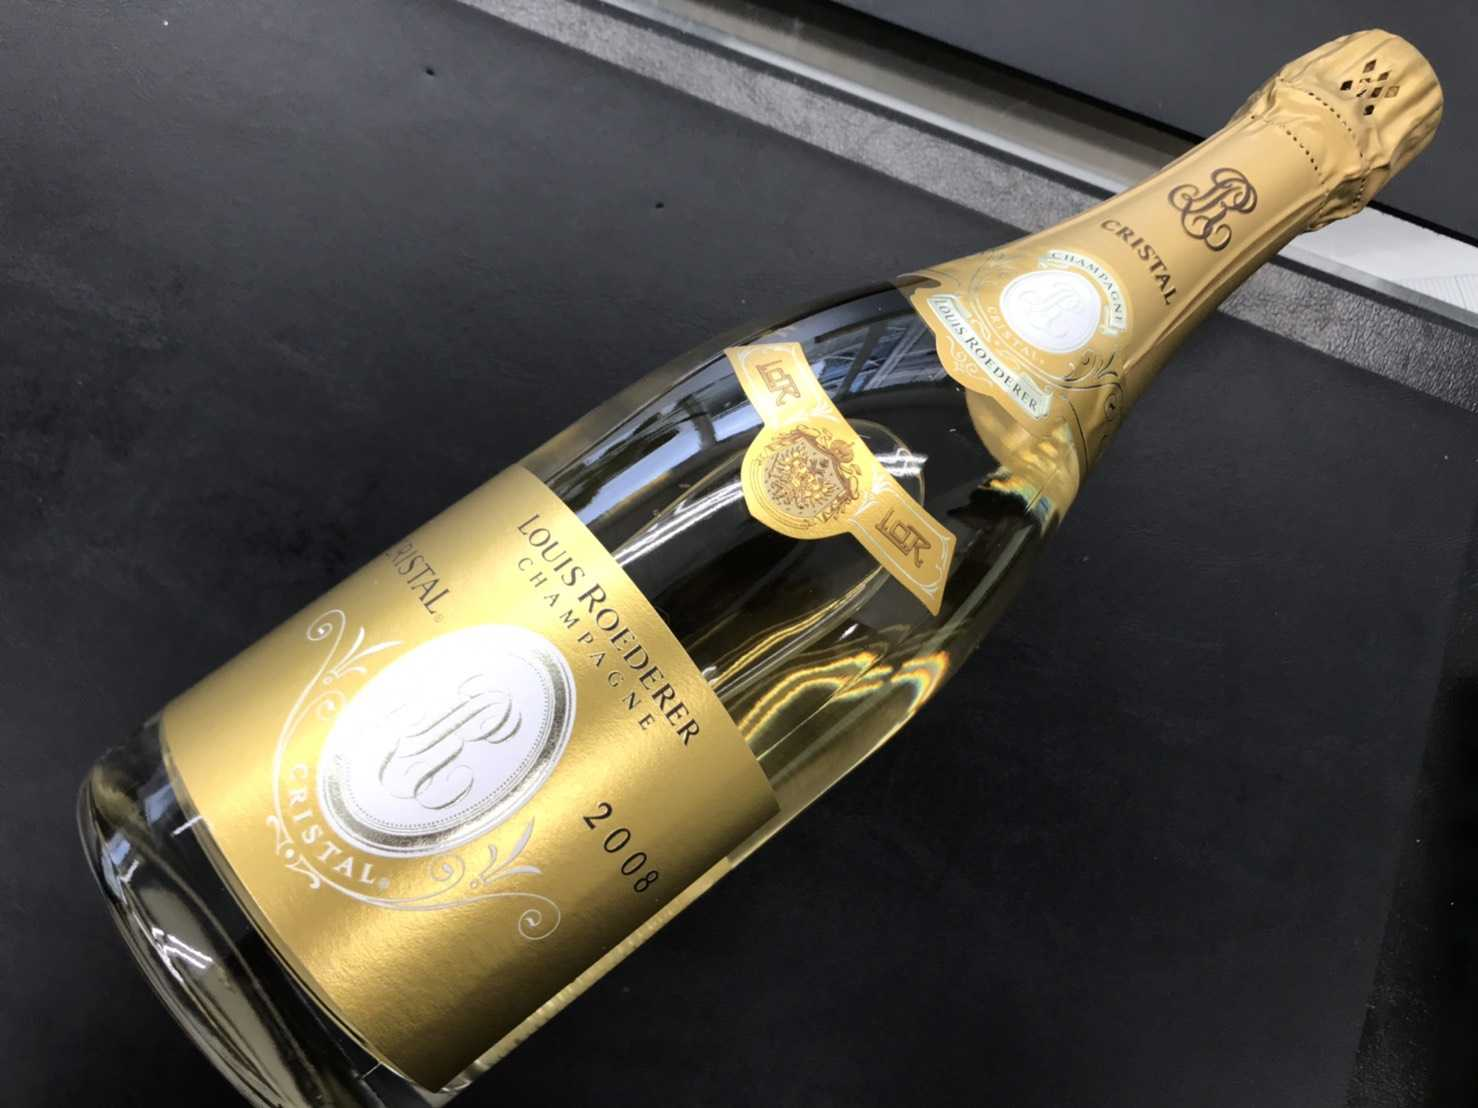 お酒買取 シャンパン クリスタル